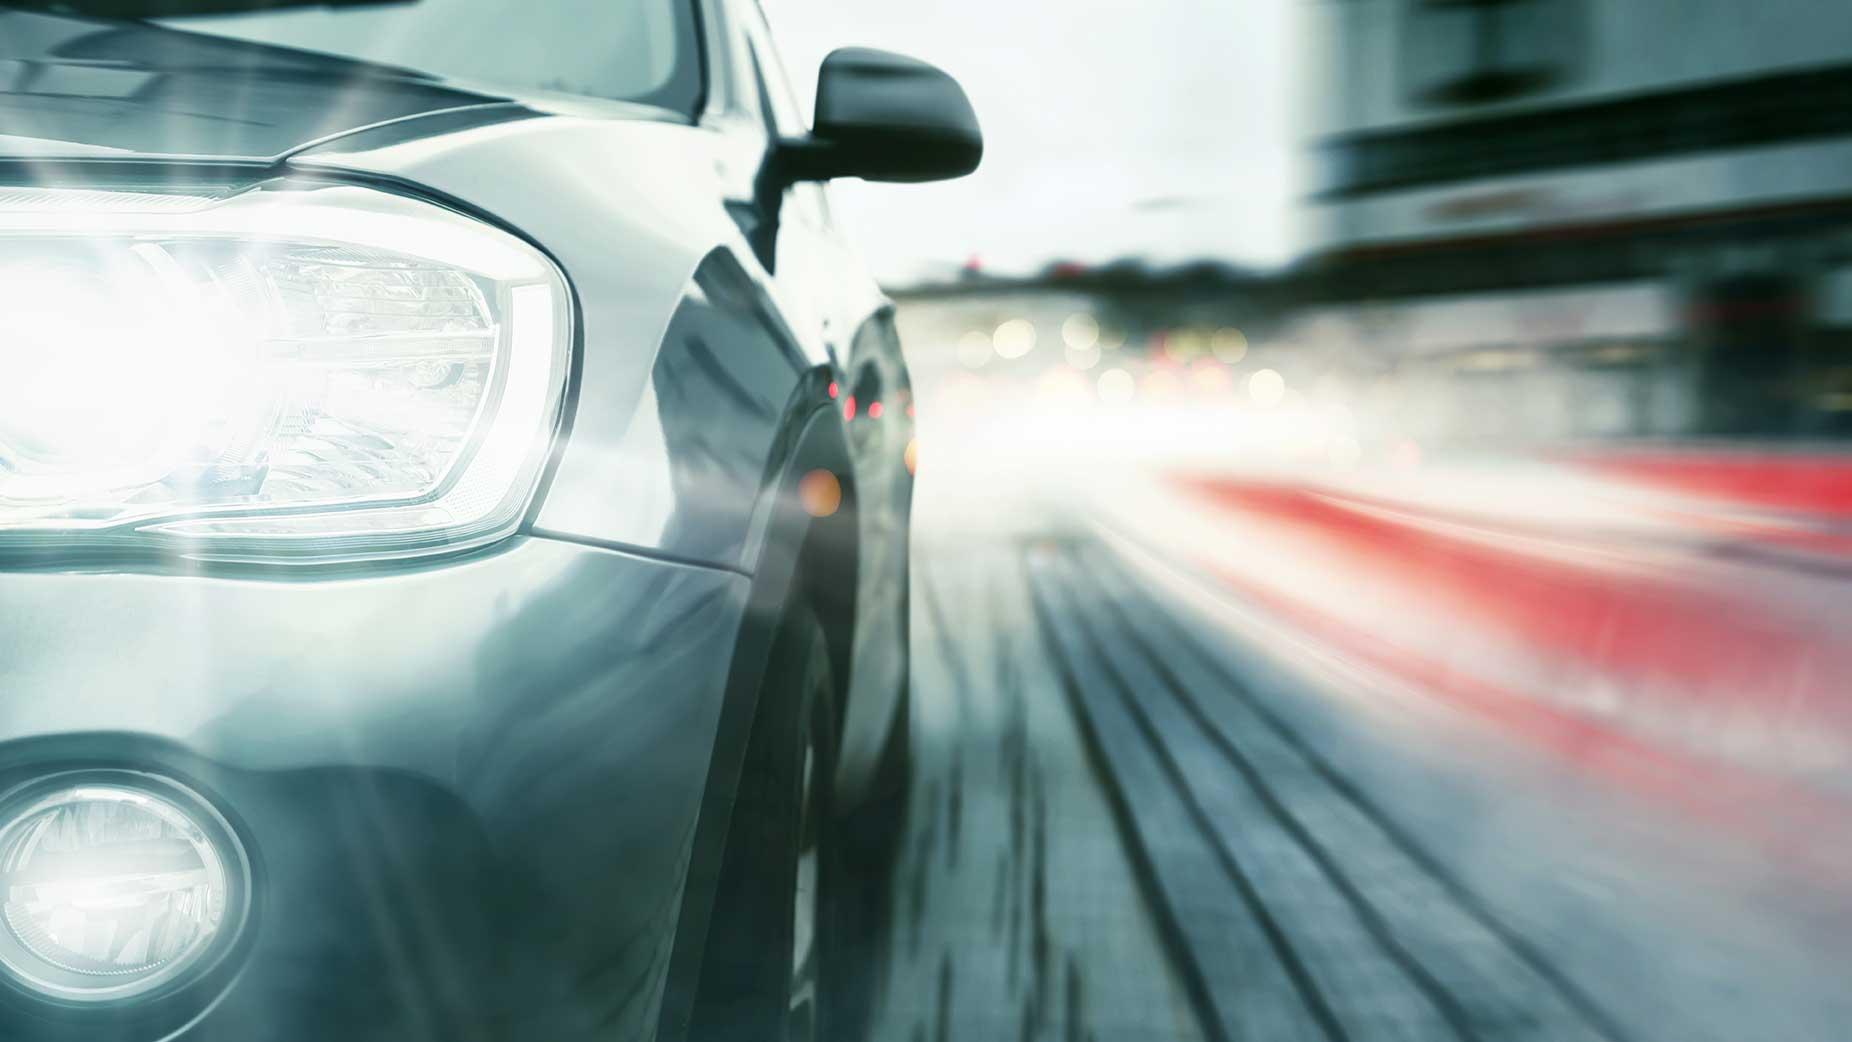 AltText: Eine erhebliche Geschwindigkeitsübertretung kann zu einem Fahrverbot führen.